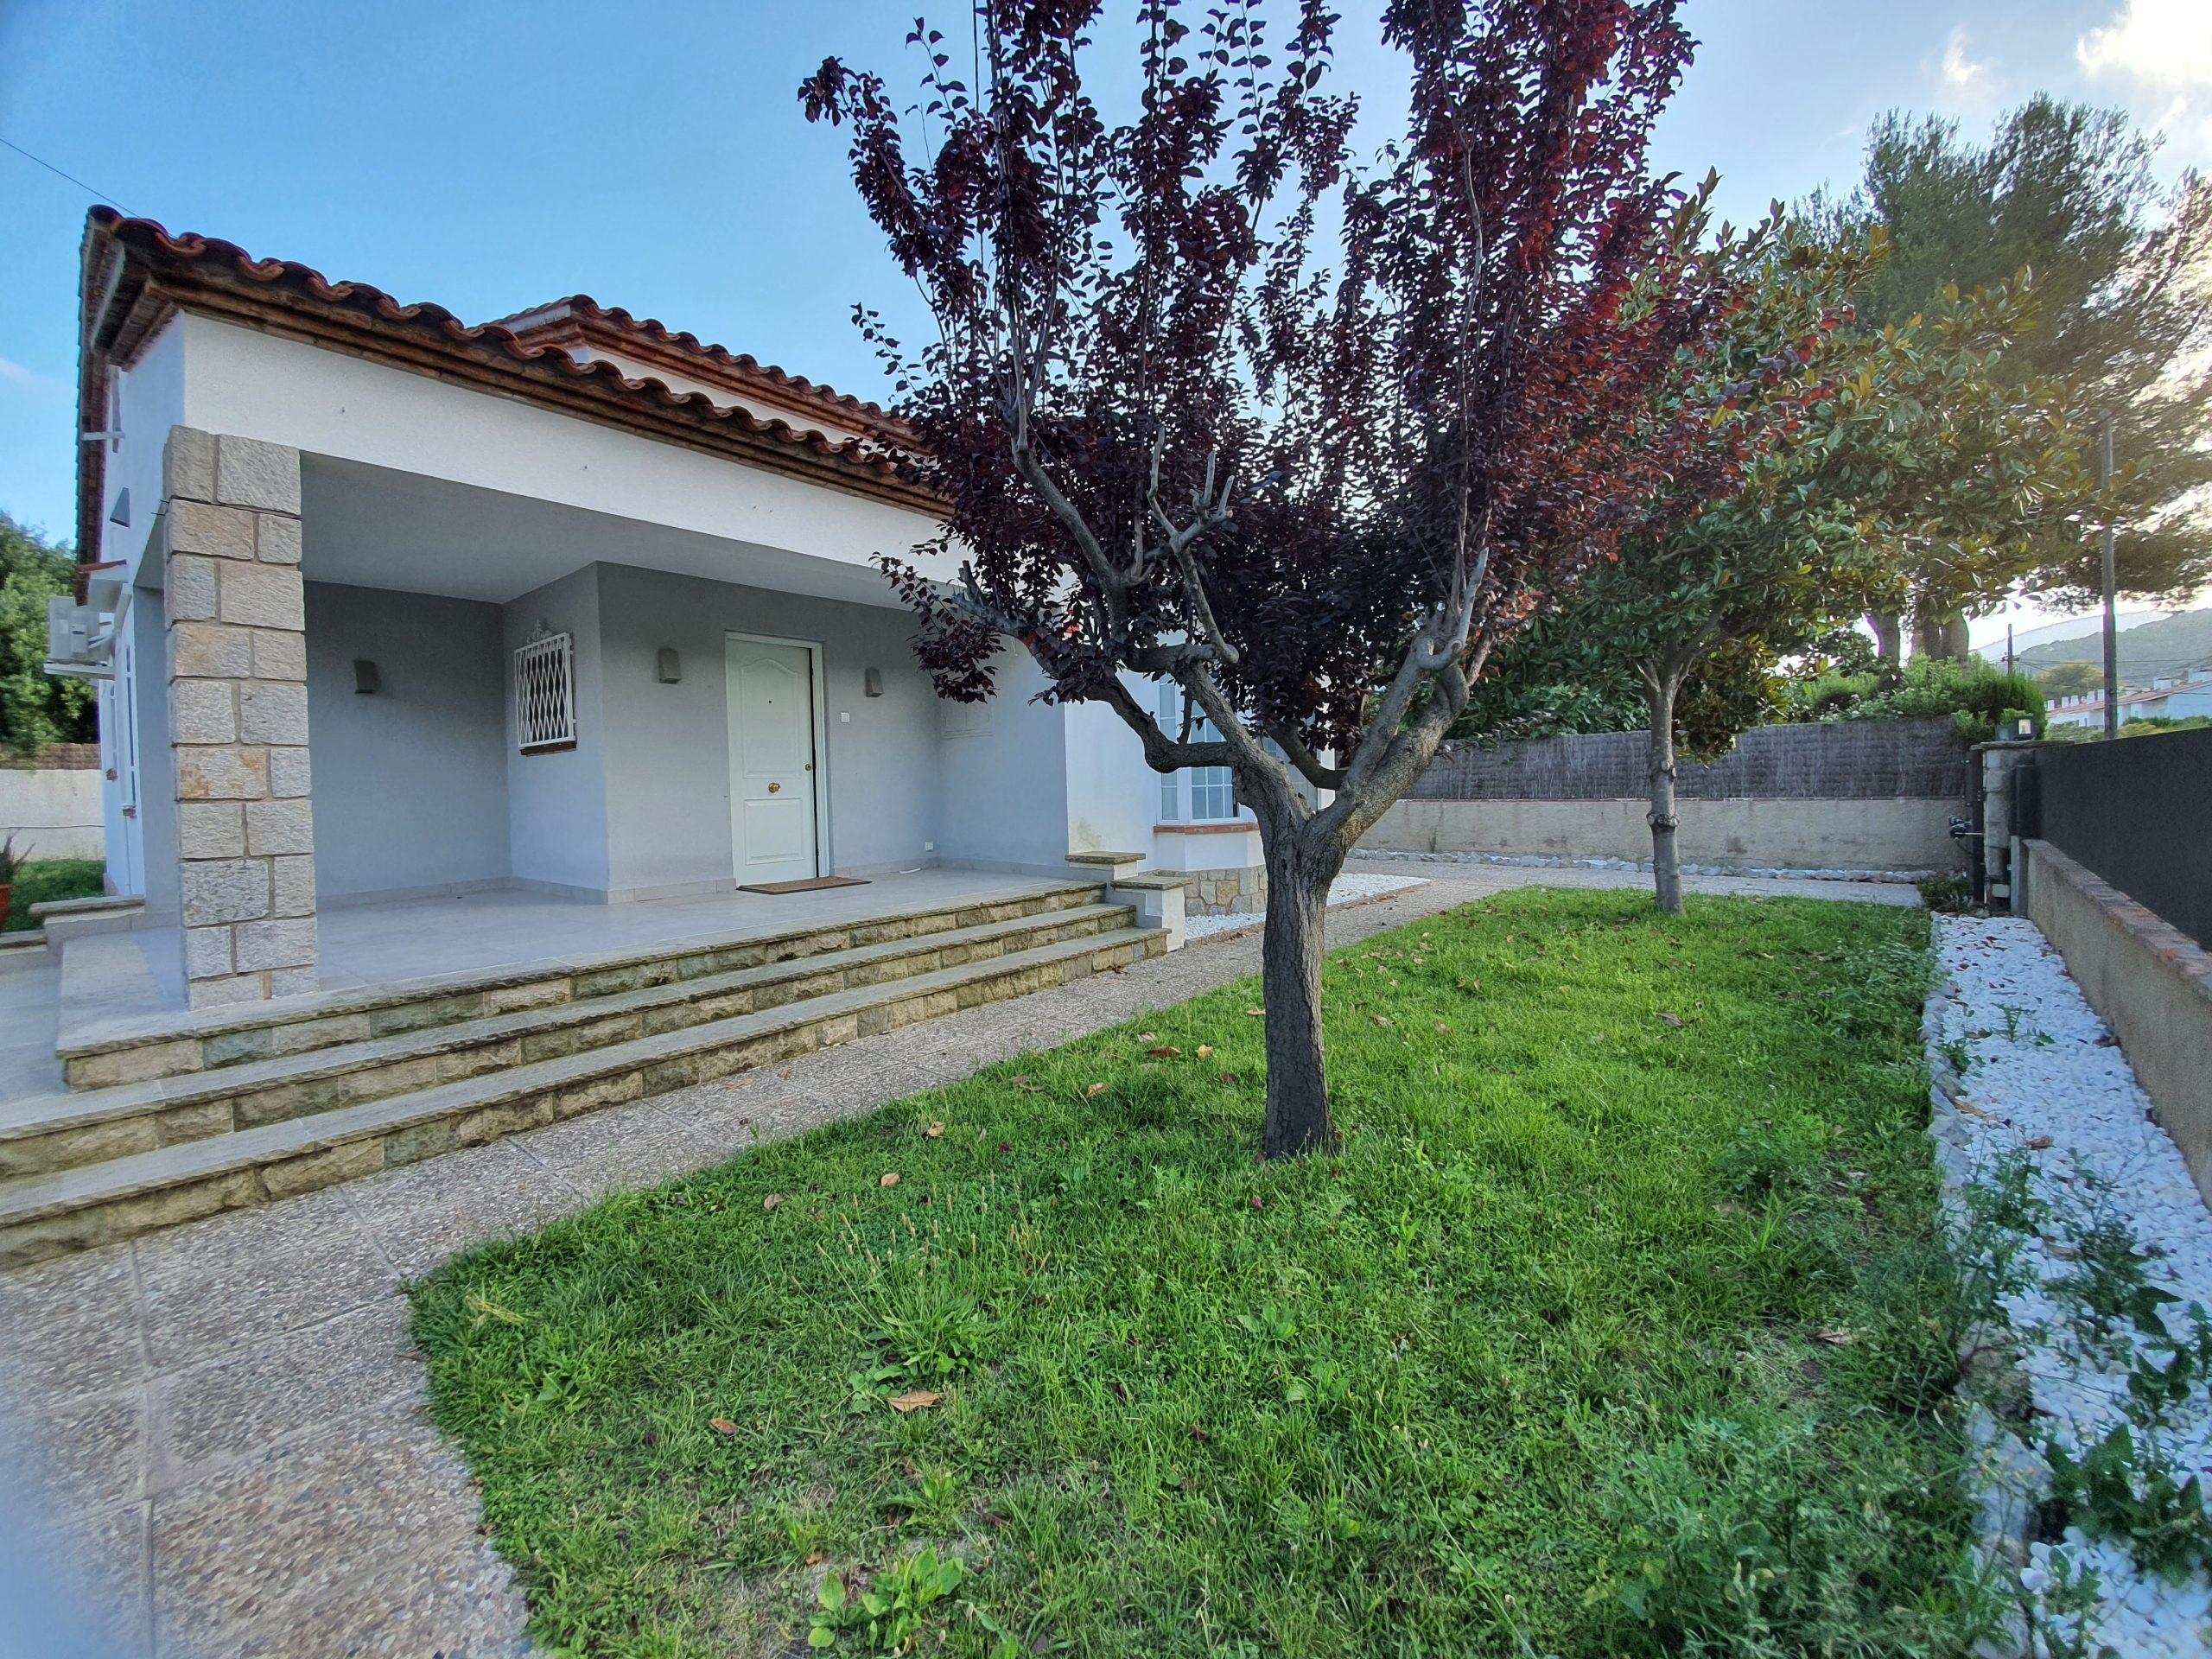 Casa unifamiliar en alquiler en Bellamar, Castelldefels – Ref. CS001301EA